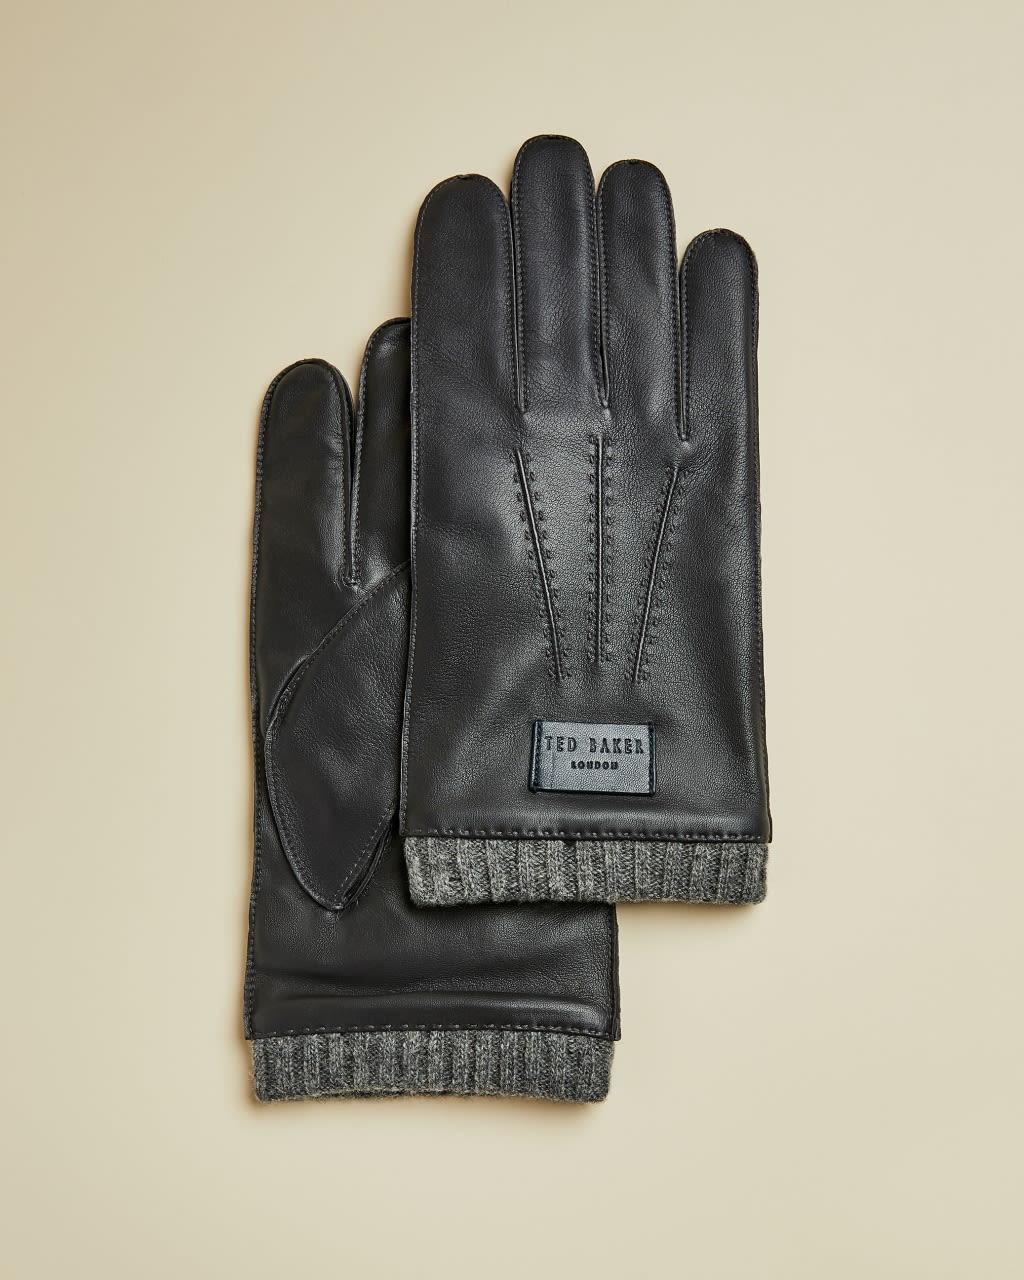 TED BAKER Handschuhe Aus Leder Mit Rippstrickbündchen | TED BAKER SALE